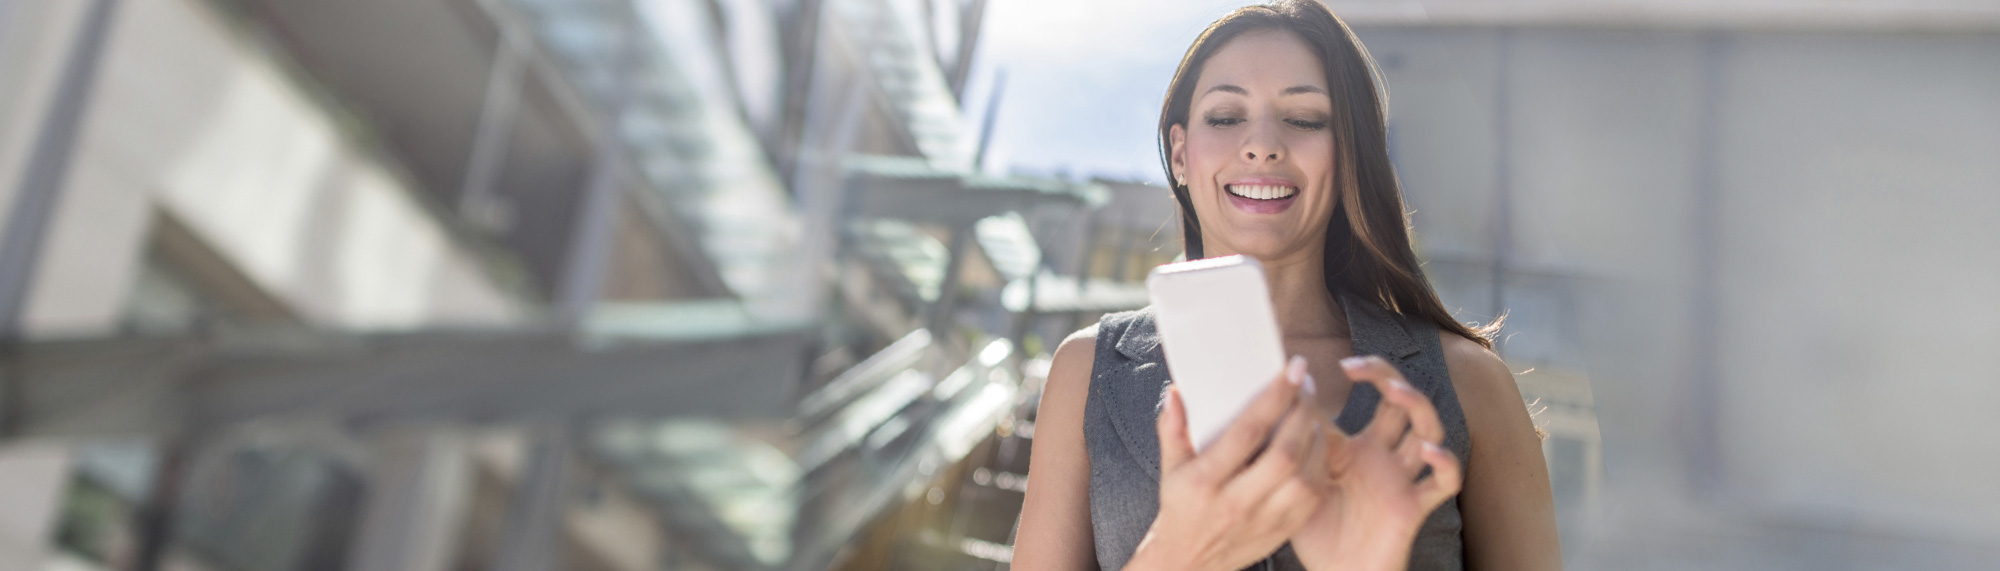 """Non c'è limite al business quando si diventa """"mobile"""""""